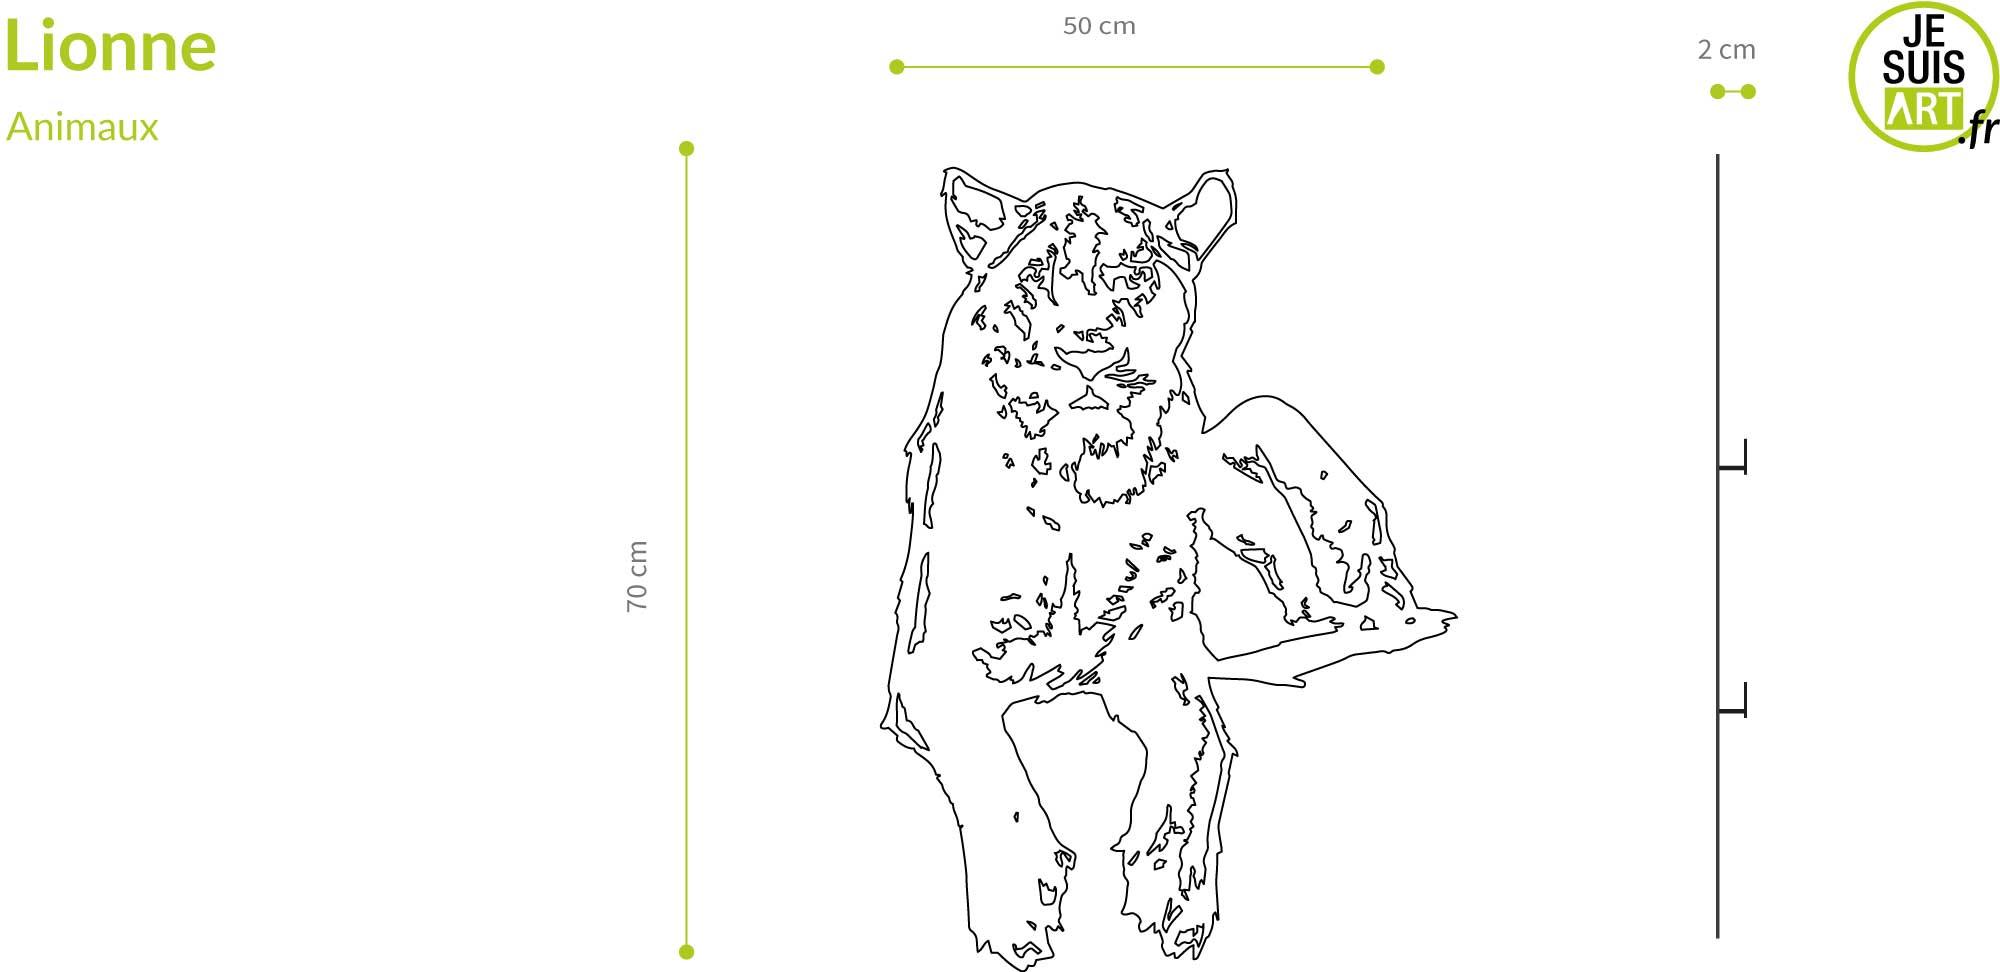 Lionne_sizes